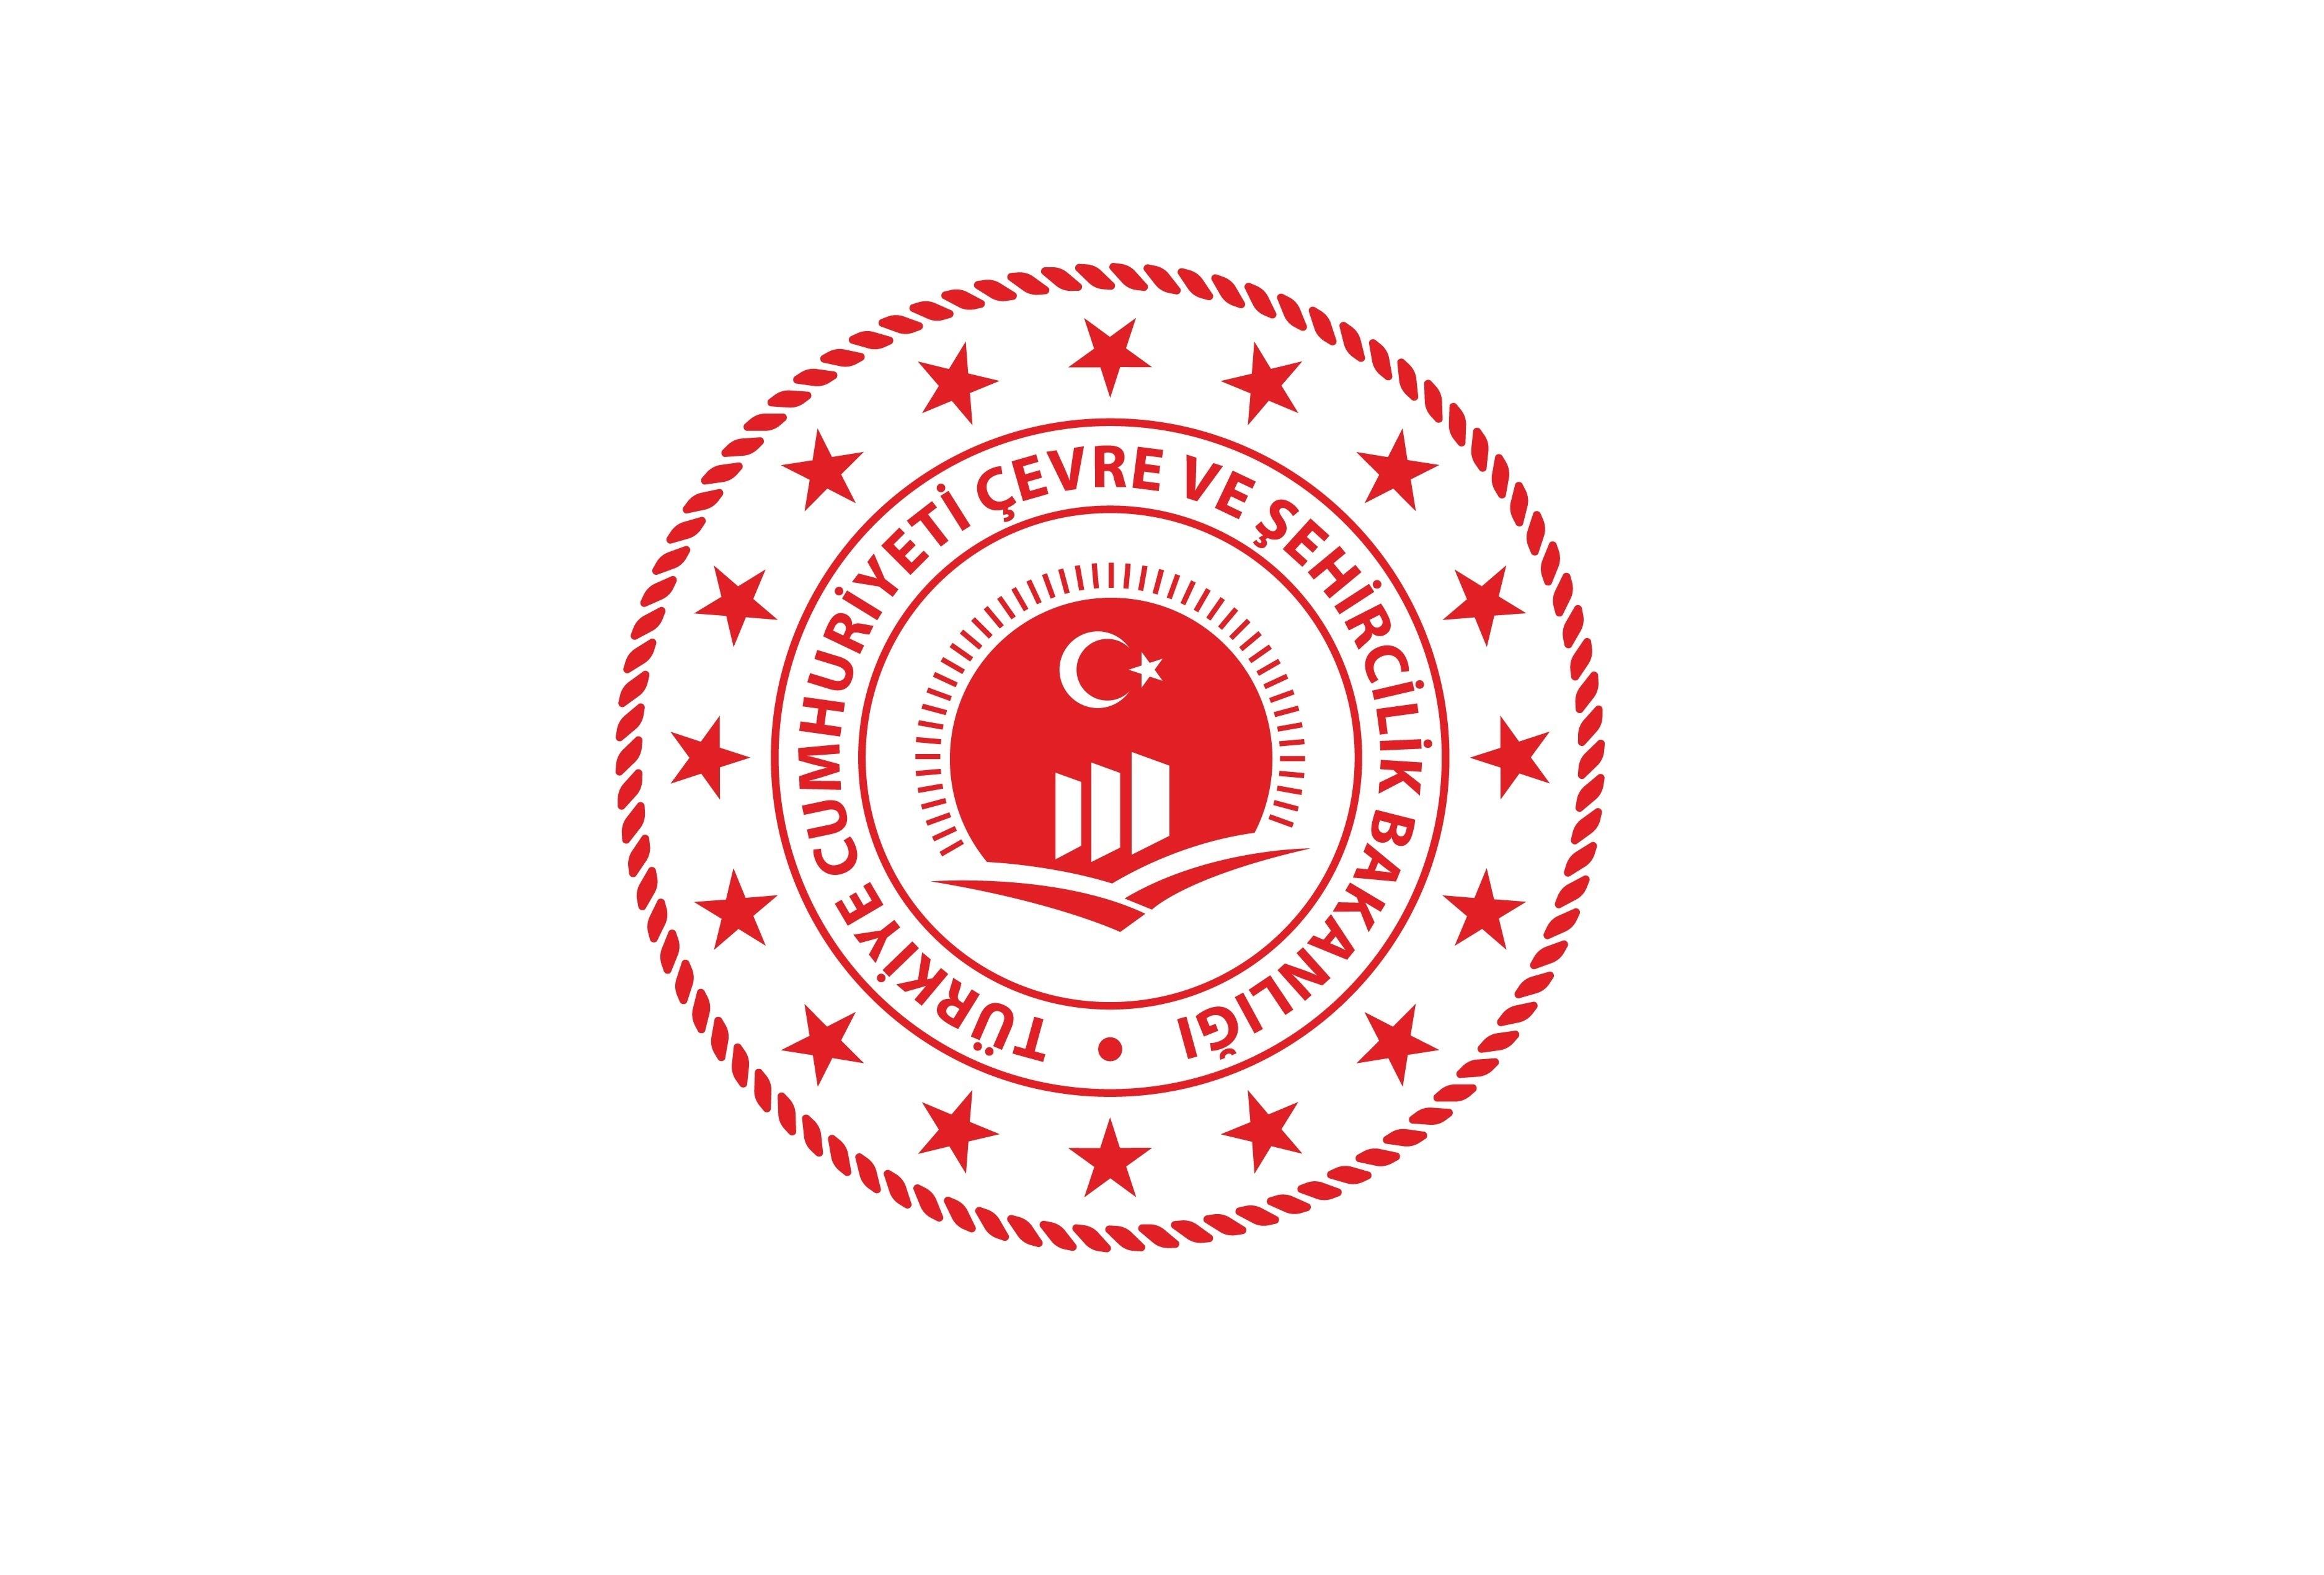 6306 Sayılı Kanun Kapsamında Alınacak Sözleşmeli Personel Sözlü Sınav Sonuçları